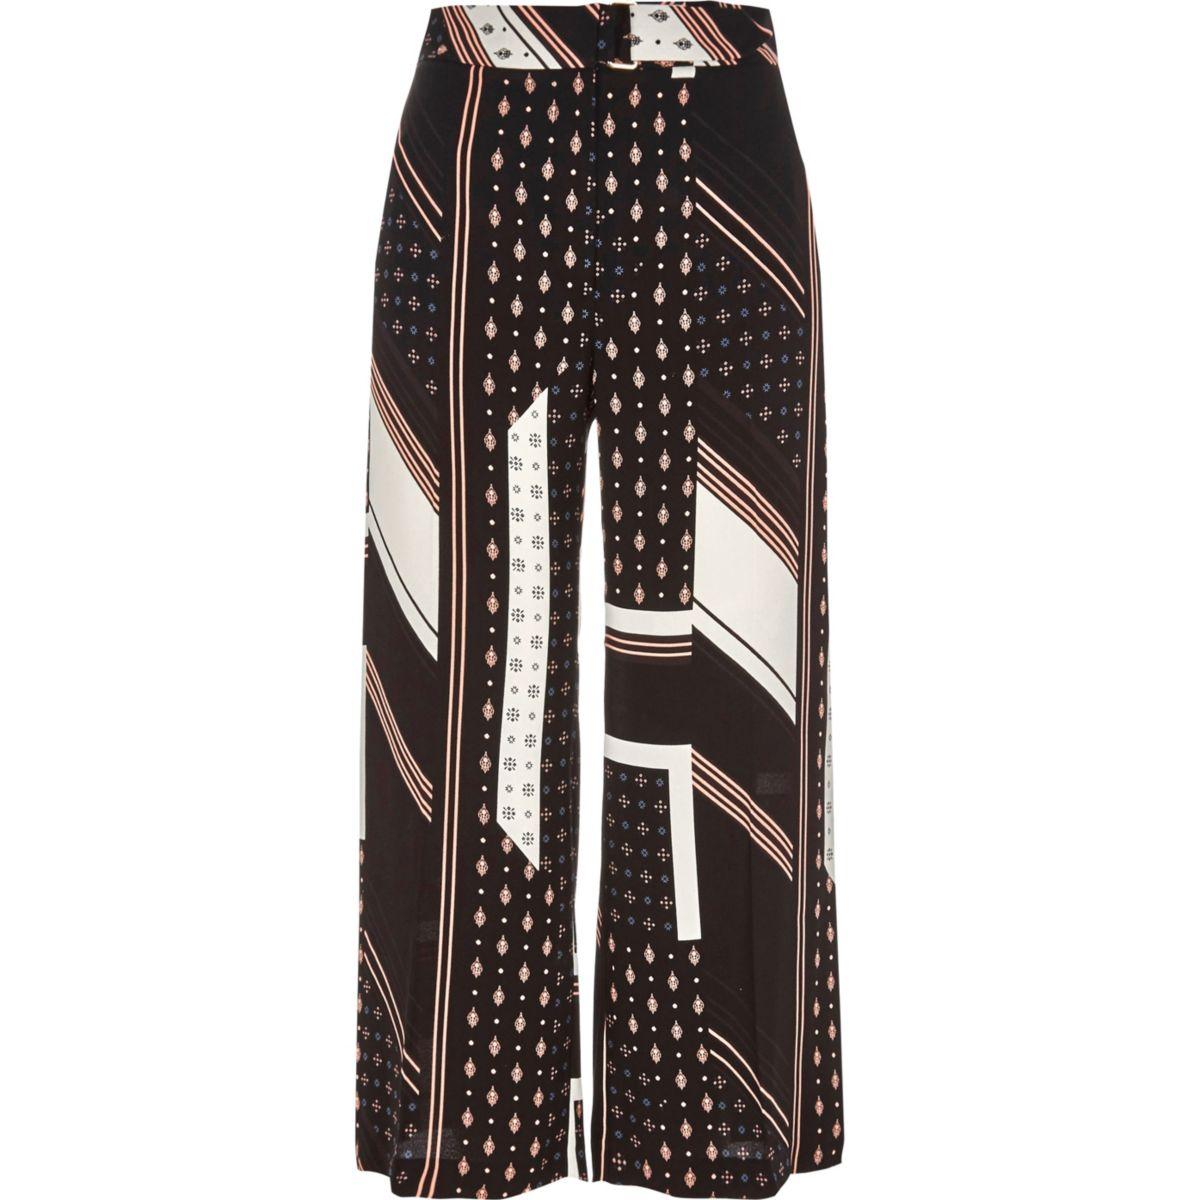 Schwarzer Hosenrock mit Kachelmuster und Streifen